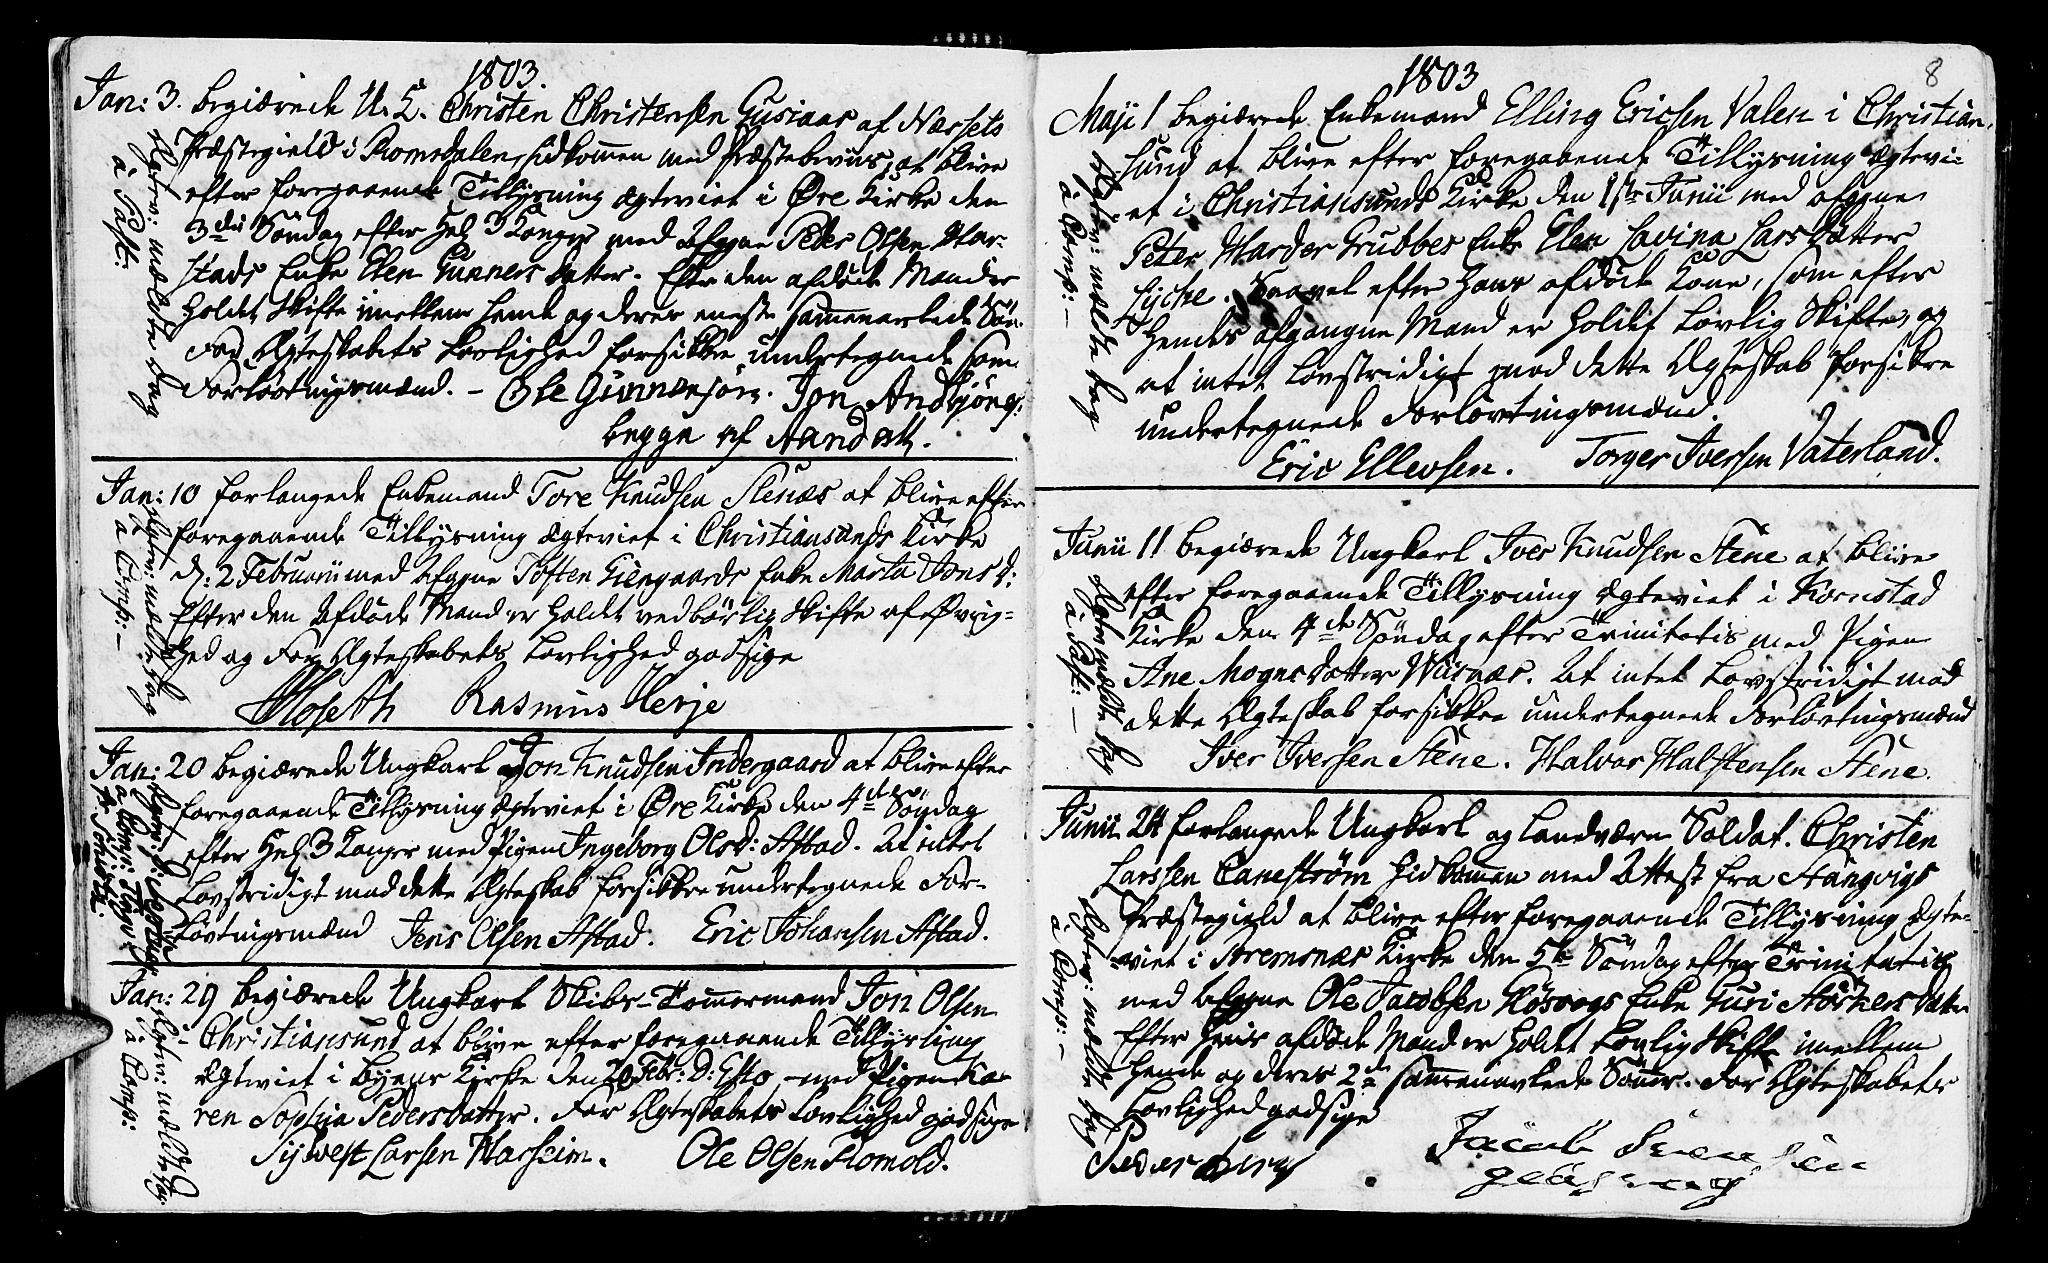 SAT, Ministerialprotokoller, klokkerbøker og fødselsregistre - Møre og Romsdal, 568/L0795: Ministerialbok nr. 568A04, 1802-1845, s. 8